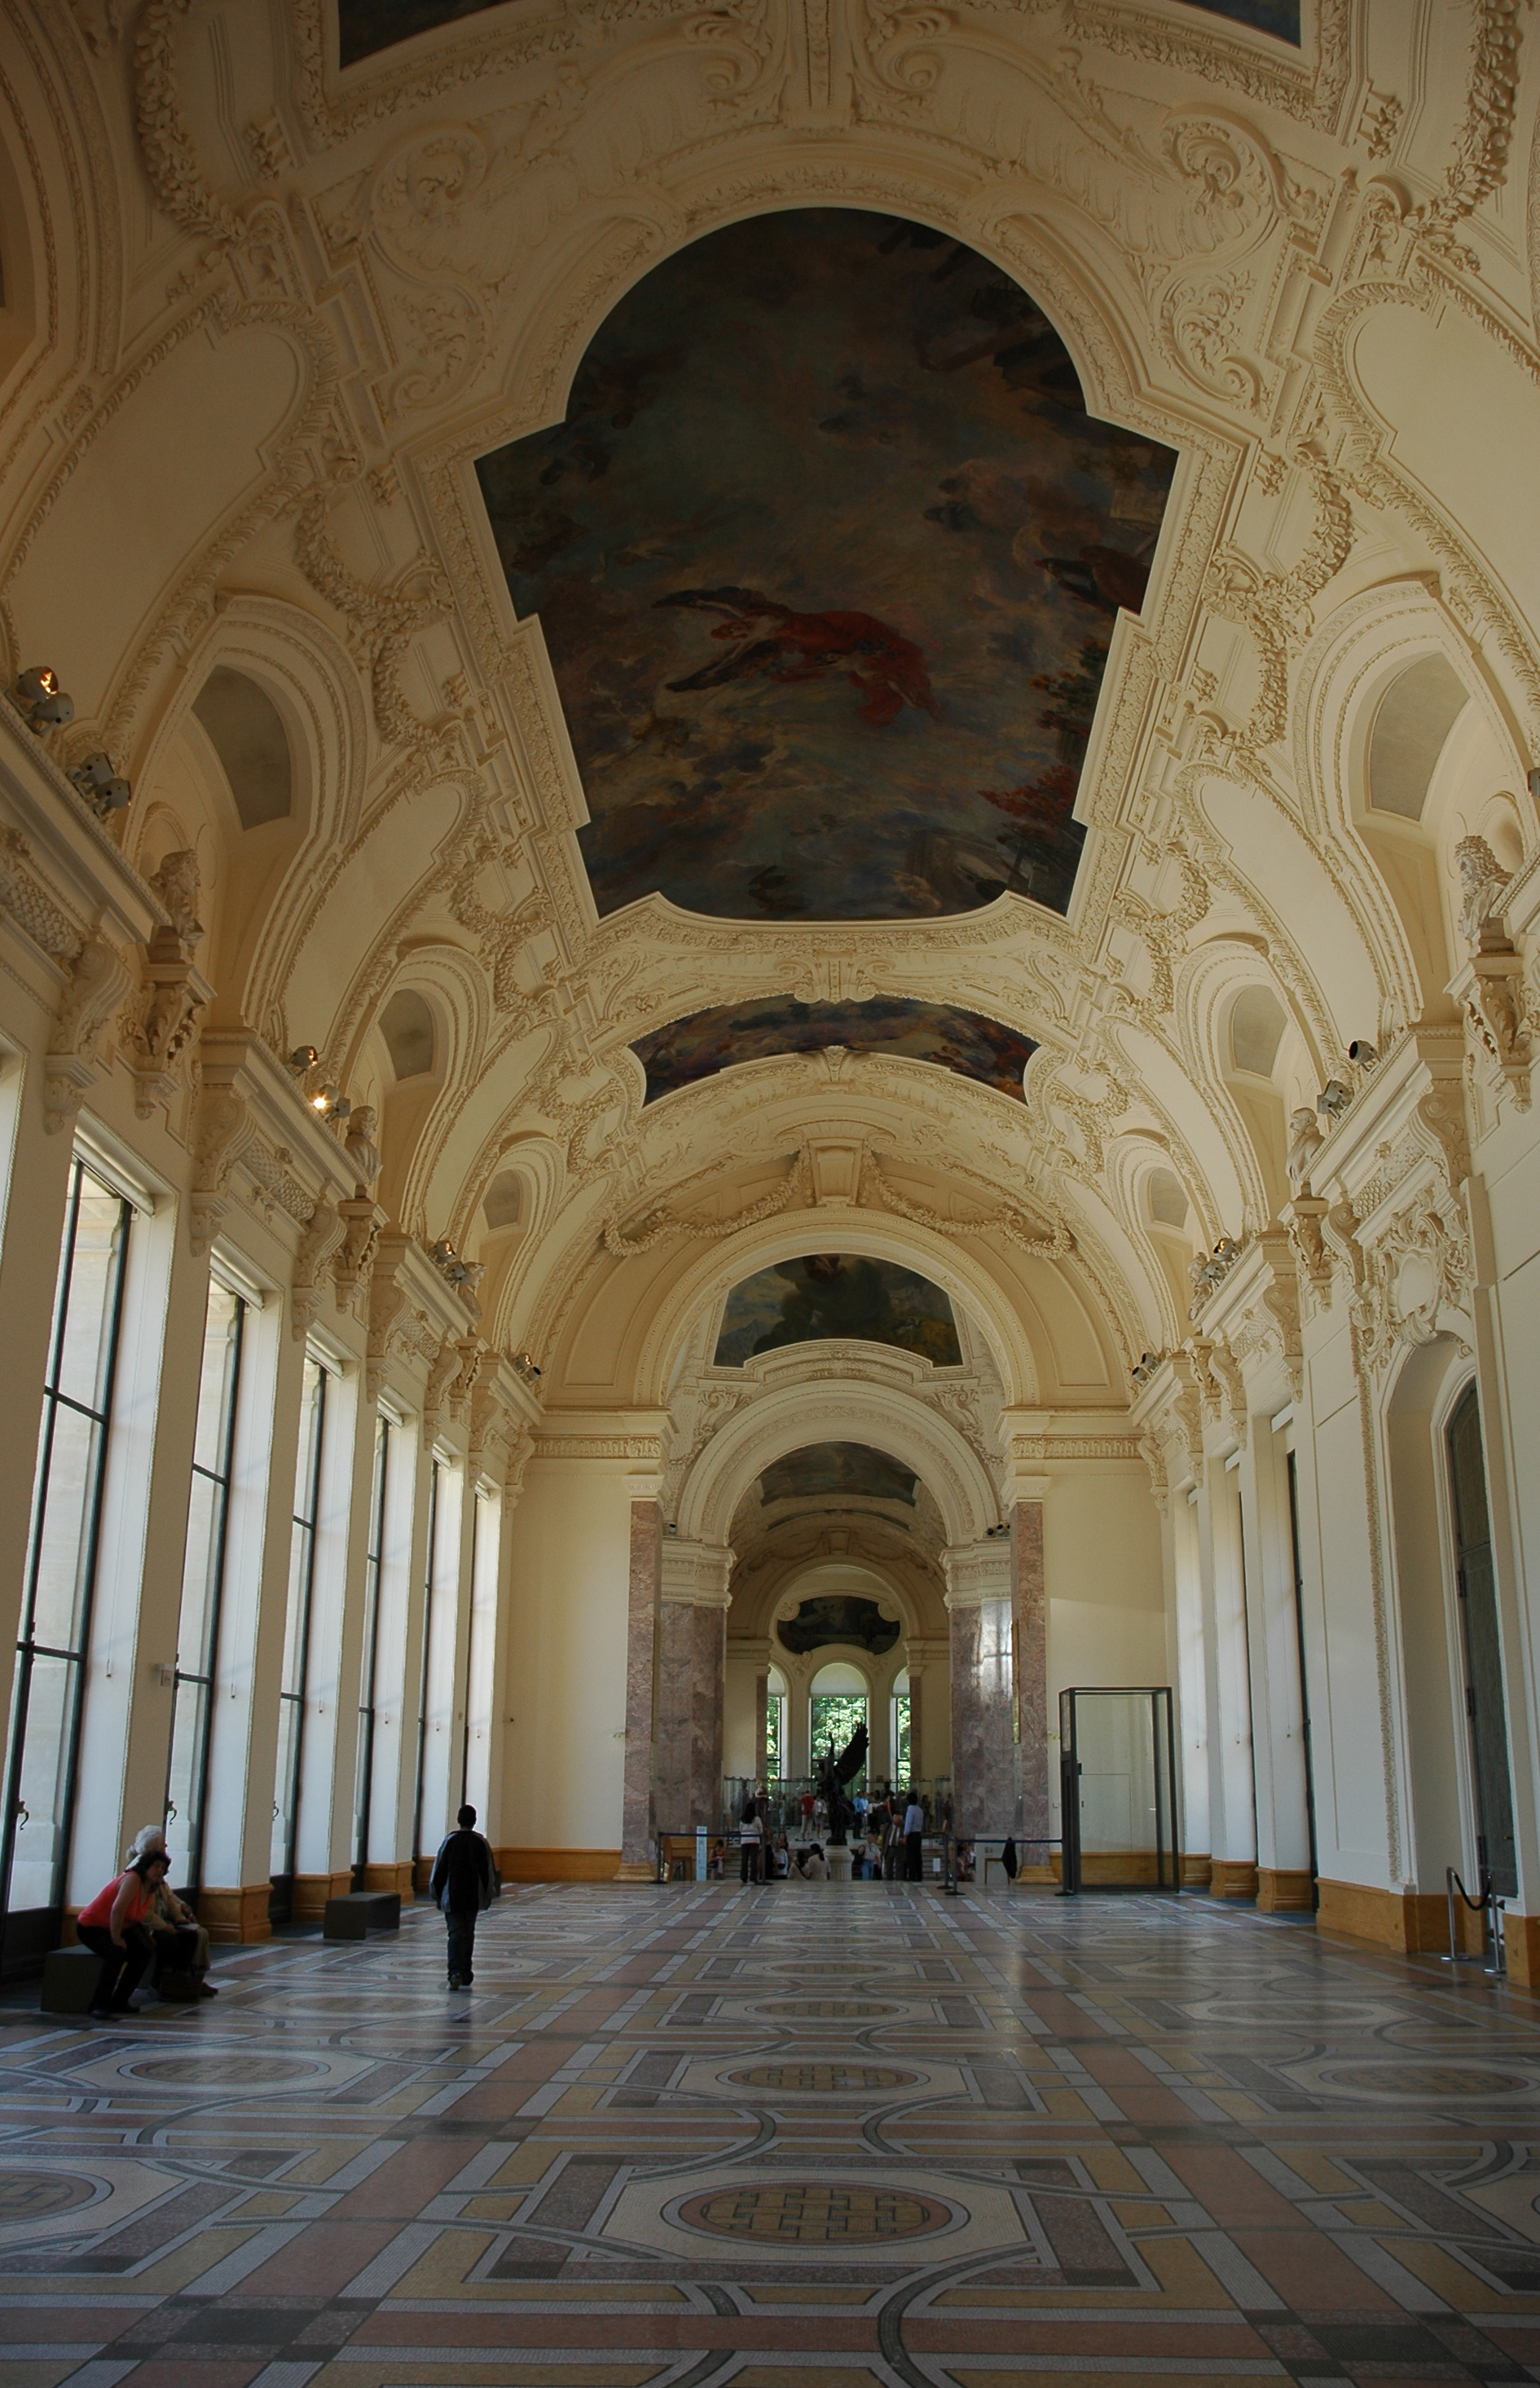 Interieur France Of Fichier France Paris Petit Palais Interieur Wikip Dia